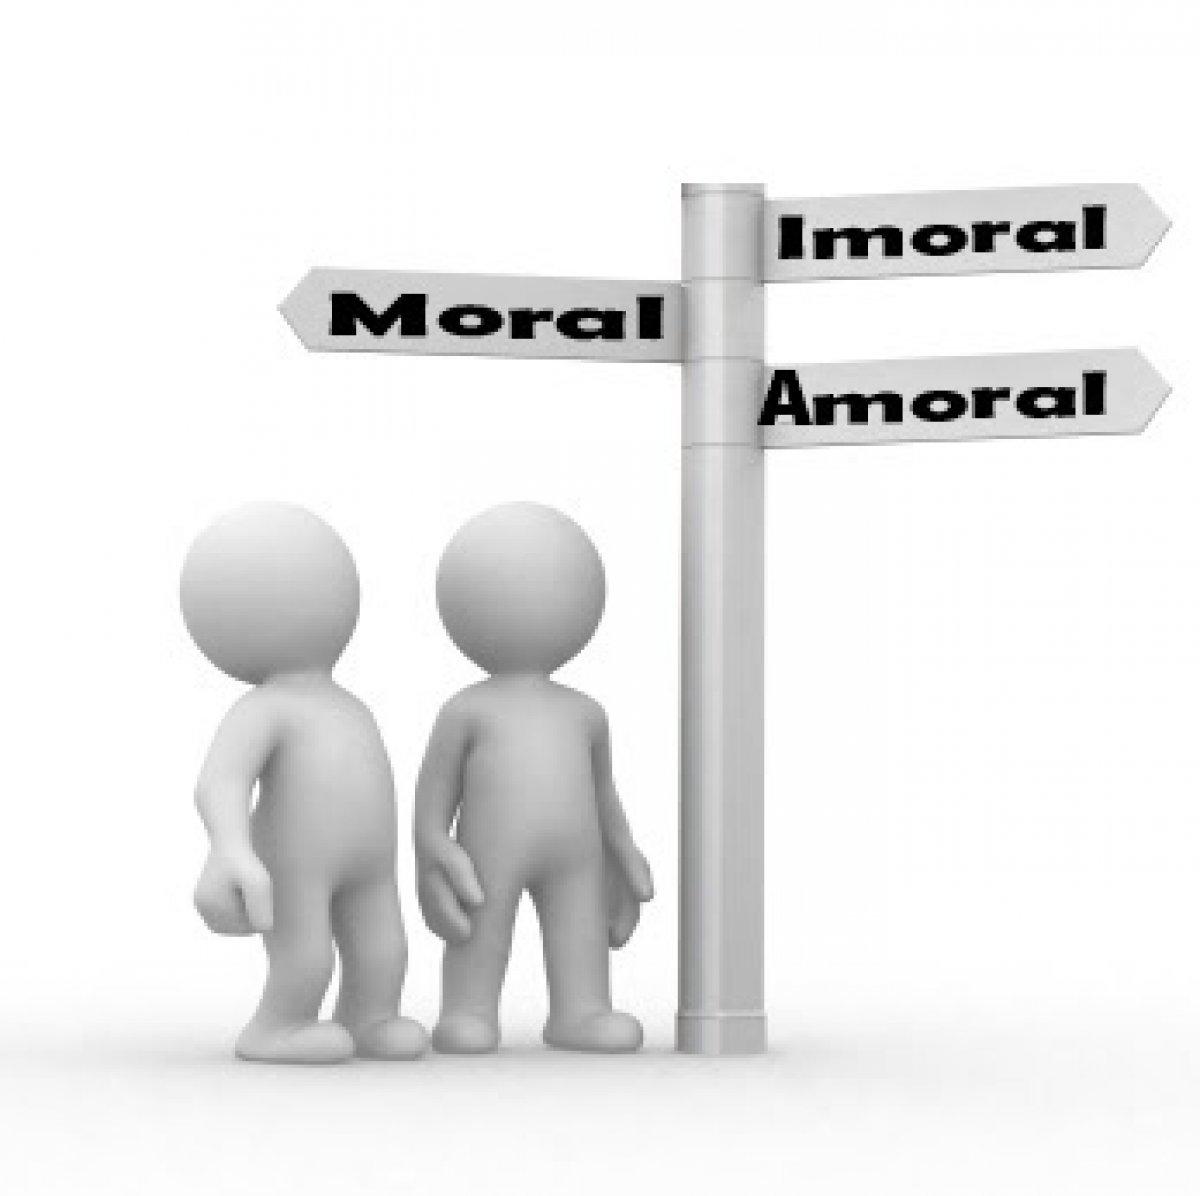 [Moral e Imoral]